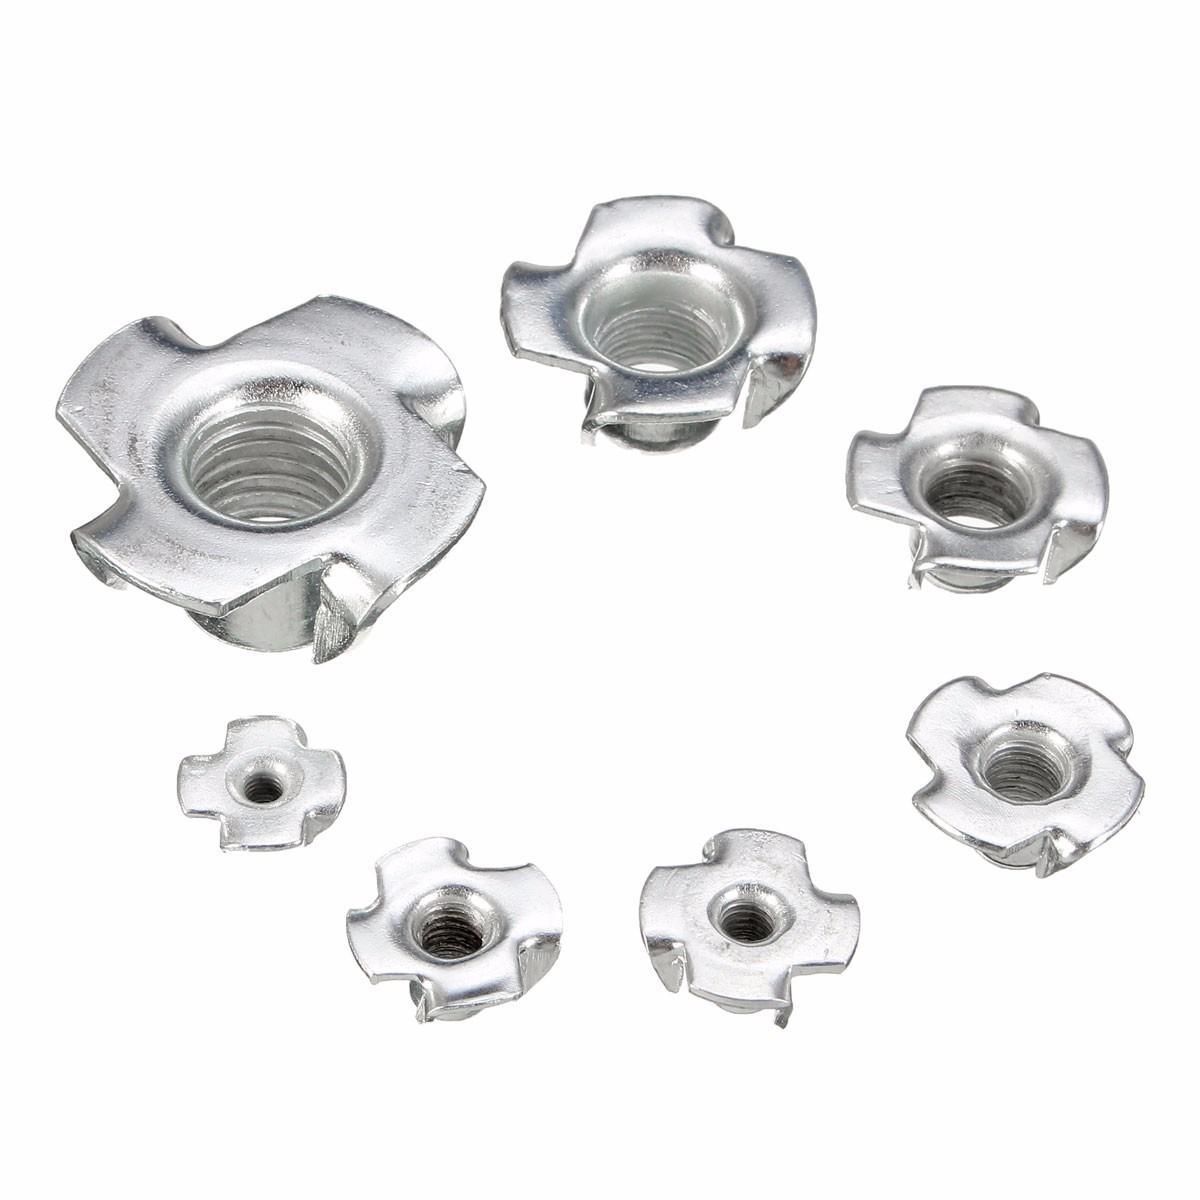 Suleve™ CSTN1 Four Prong T Nut Inserts Carbon Steel Zinc Plated For Wood M3/M4/M5/M6/M8/M12 10Pcs